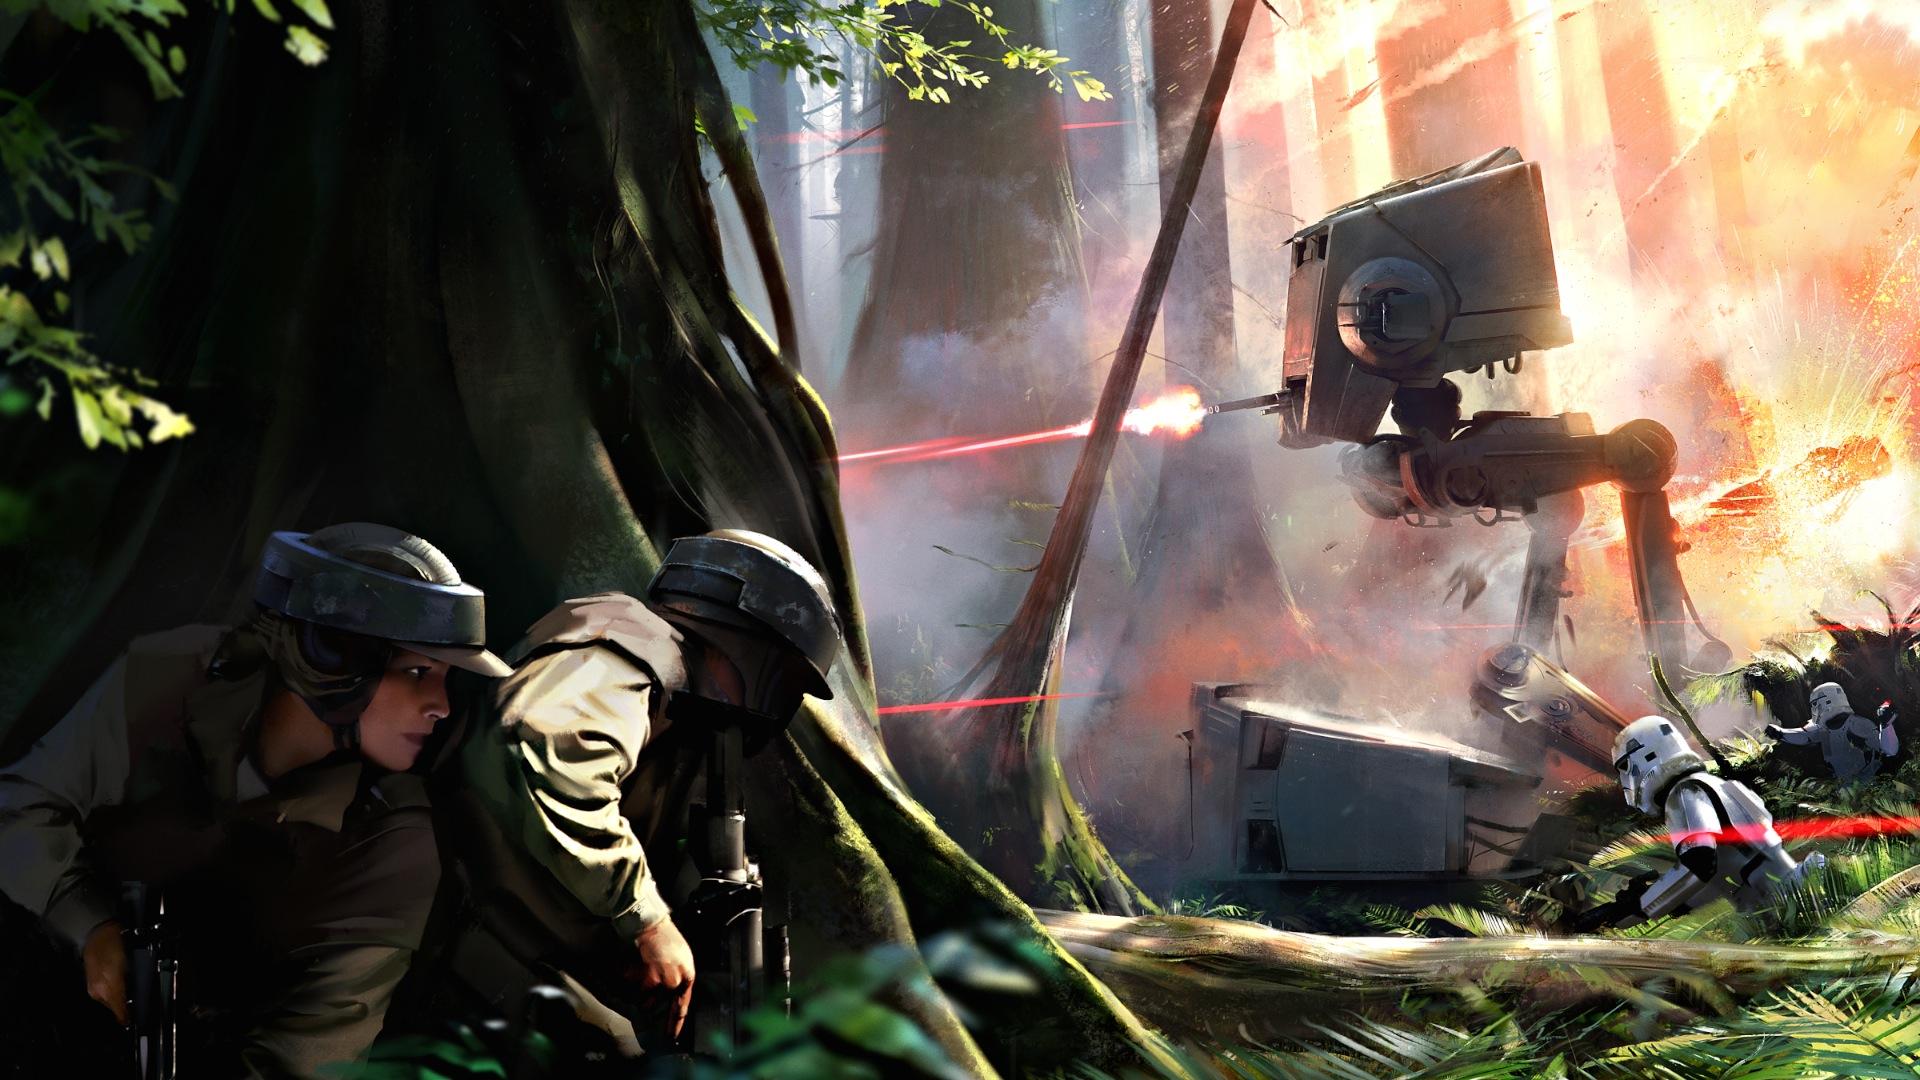 Star wars 1 release date in Sydney